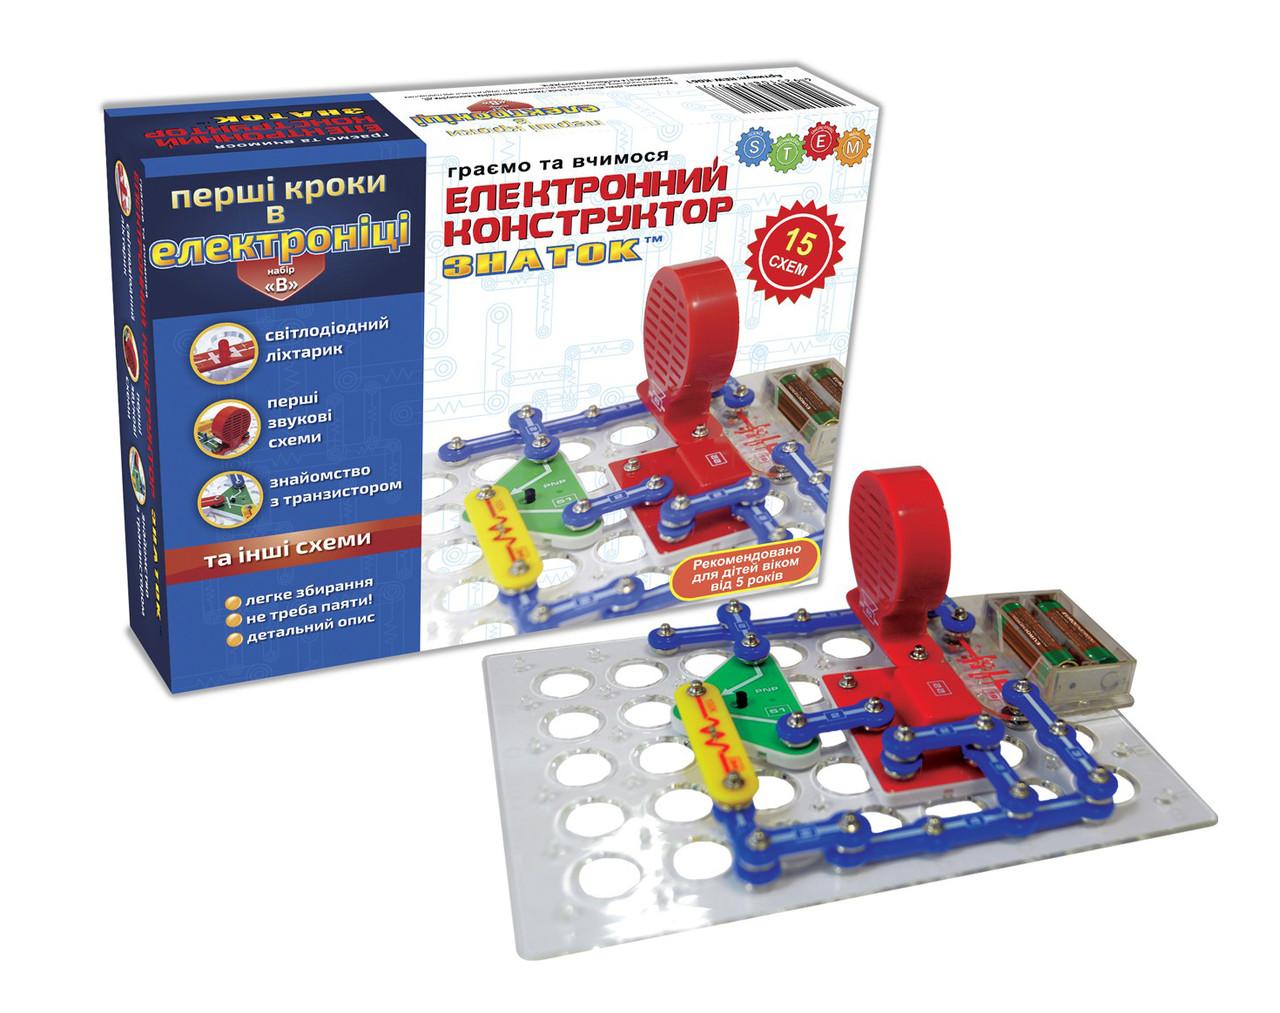 """Електронний конструктор """"Знавець"""" """"Перші кроки в електроніці"""" Kiddisvit (15 схем В) арт. 061"""